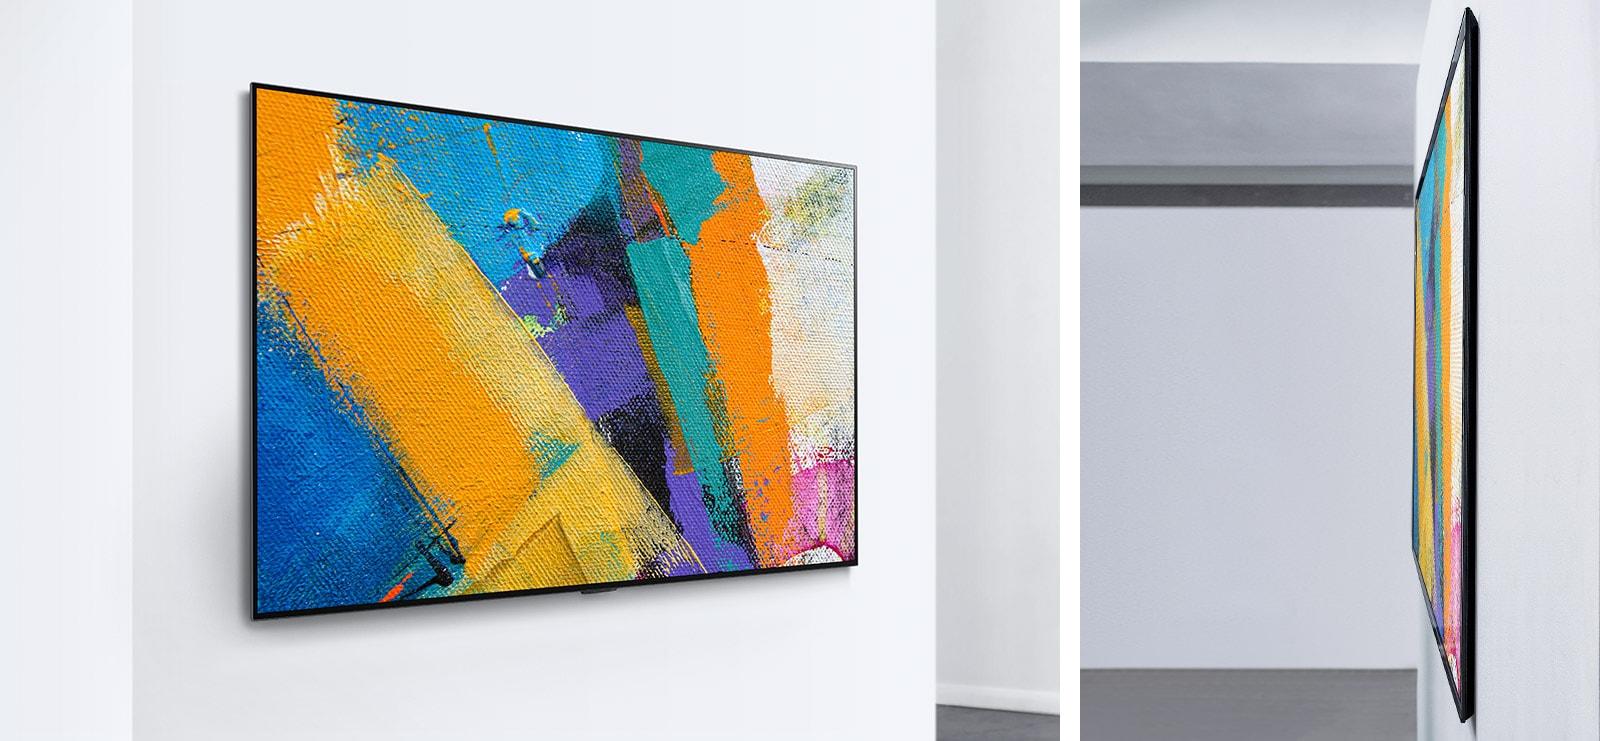 Due televisori LG Gallery Design su cui vengono visualizzate le opere d'arte